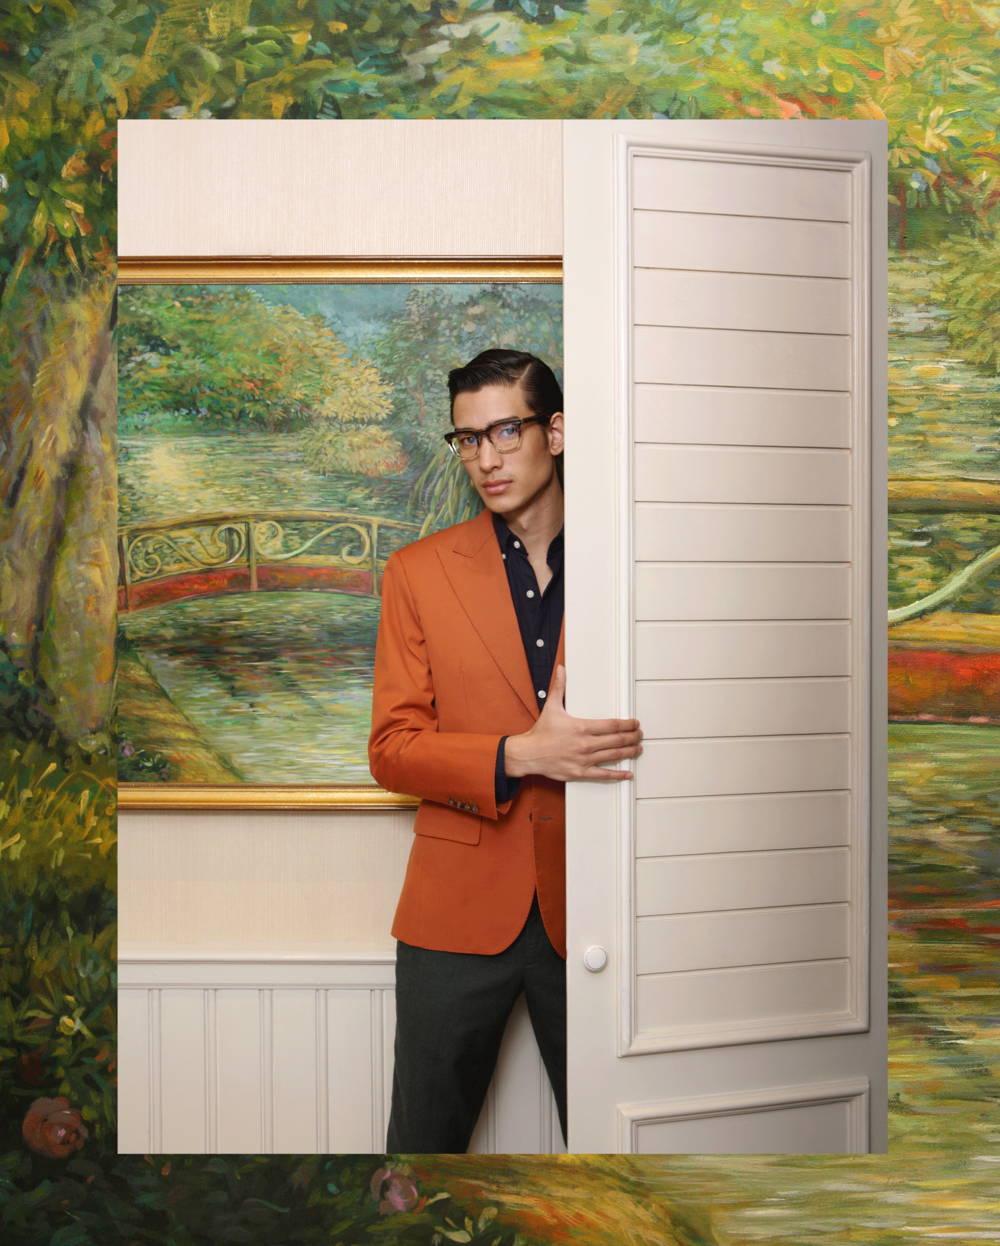 suit & pants : Pink Tailor / shirt : Royal Ivy Regatta / eyeglasses : Blake Kuwahara